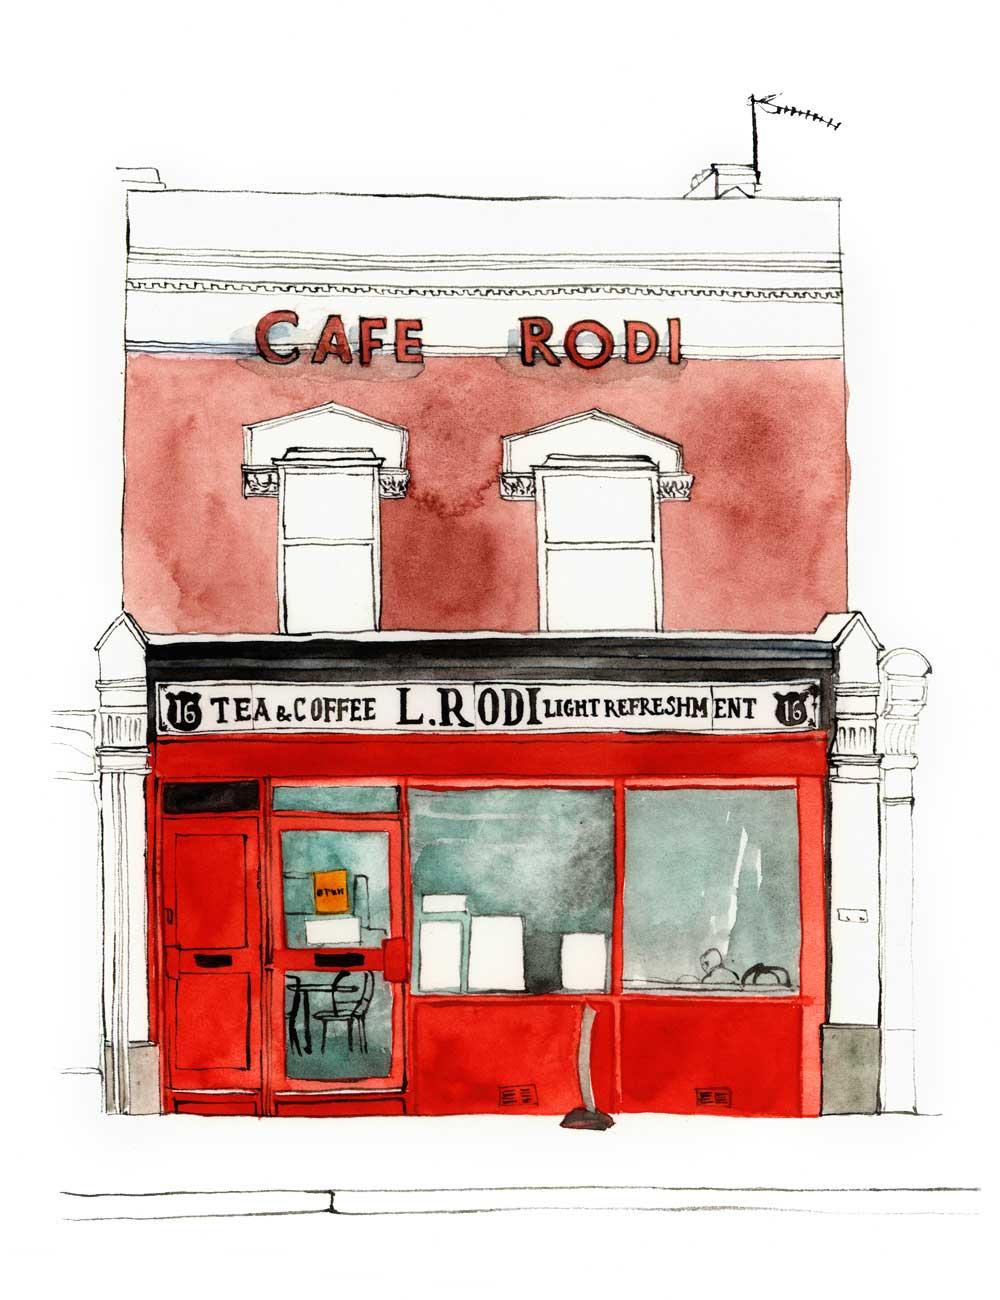 Café-Rodi-Blackhorse-Lane-E17-1000px.jpg